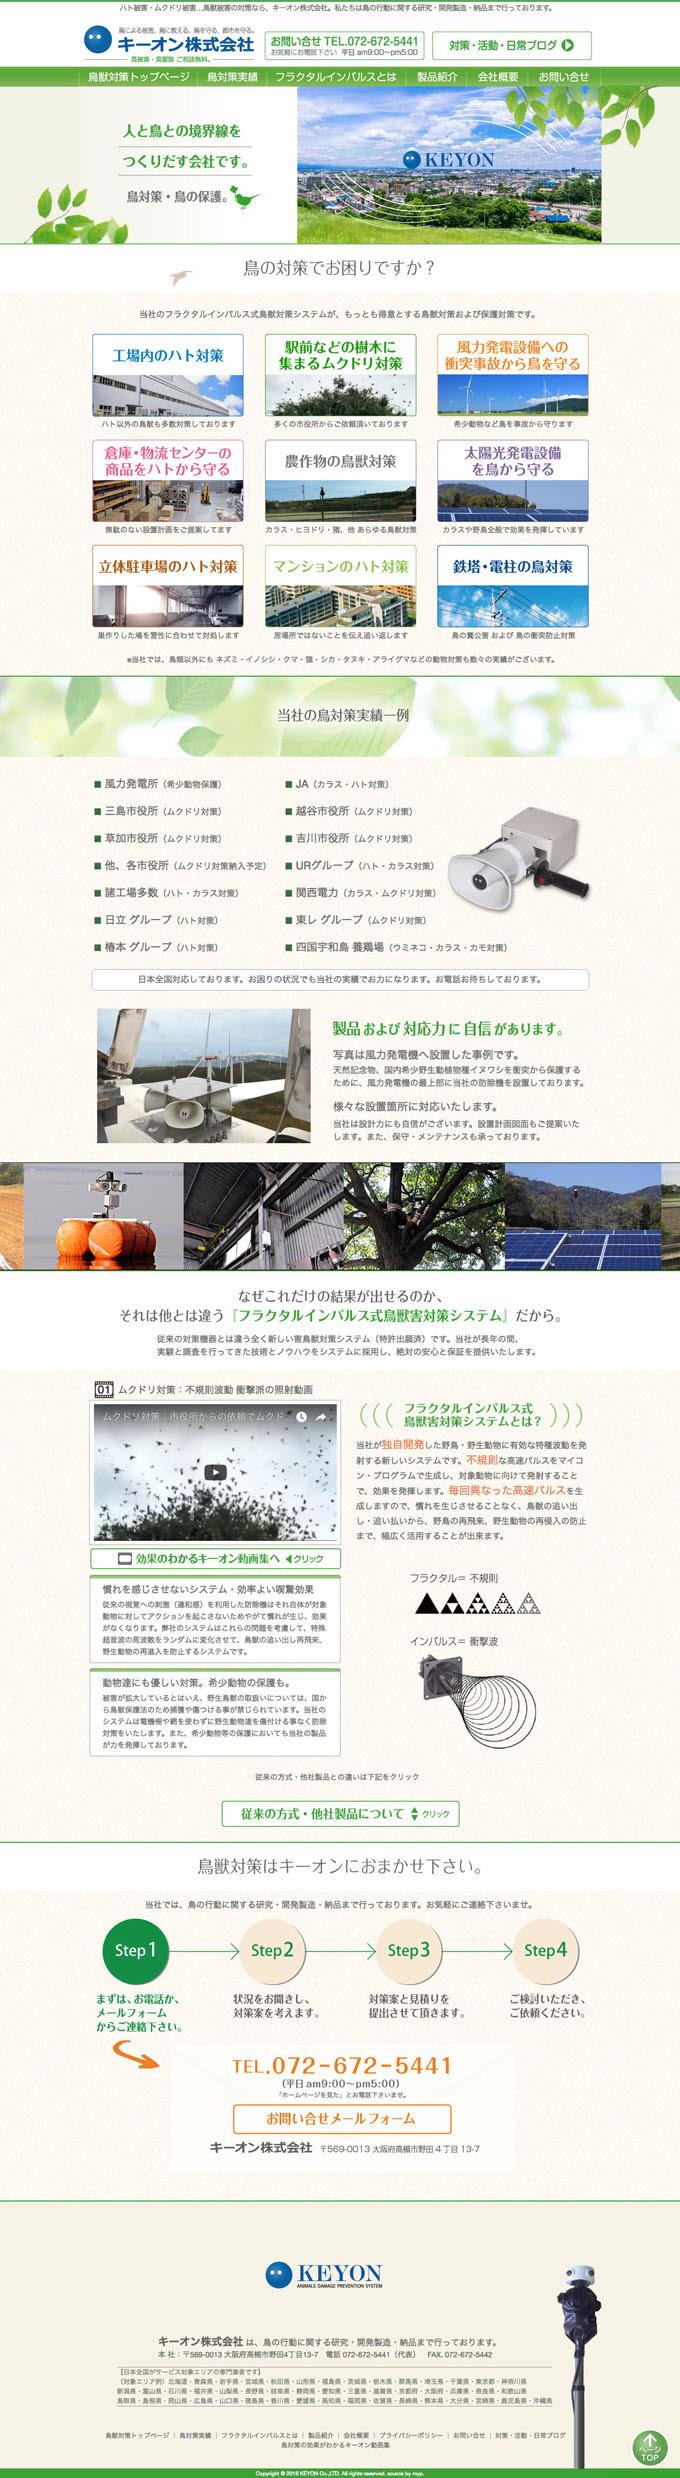 キーオン様のホームページ